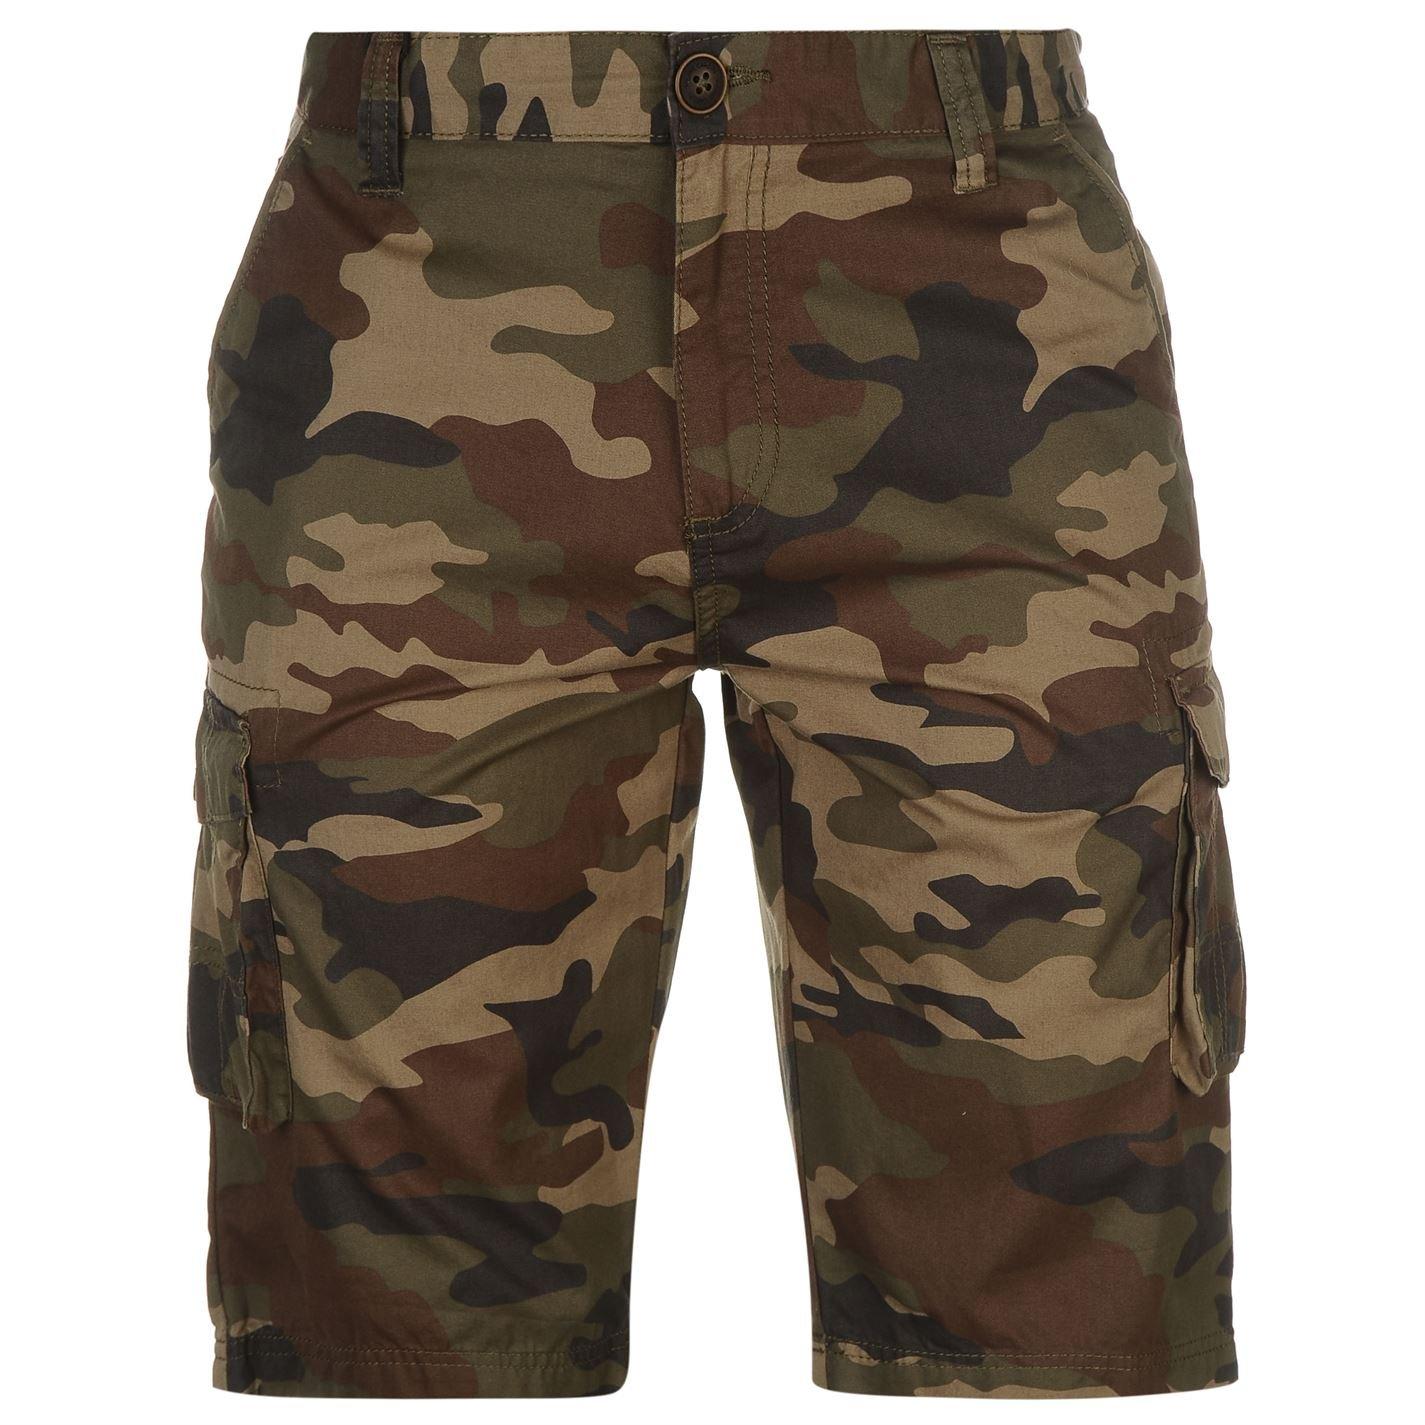 TALLA L. Pierre Cardin Hombres Pantalones Cortos Cargo Impresos 100% Algodón Verano Pequeño - XL Tallas Disponibles